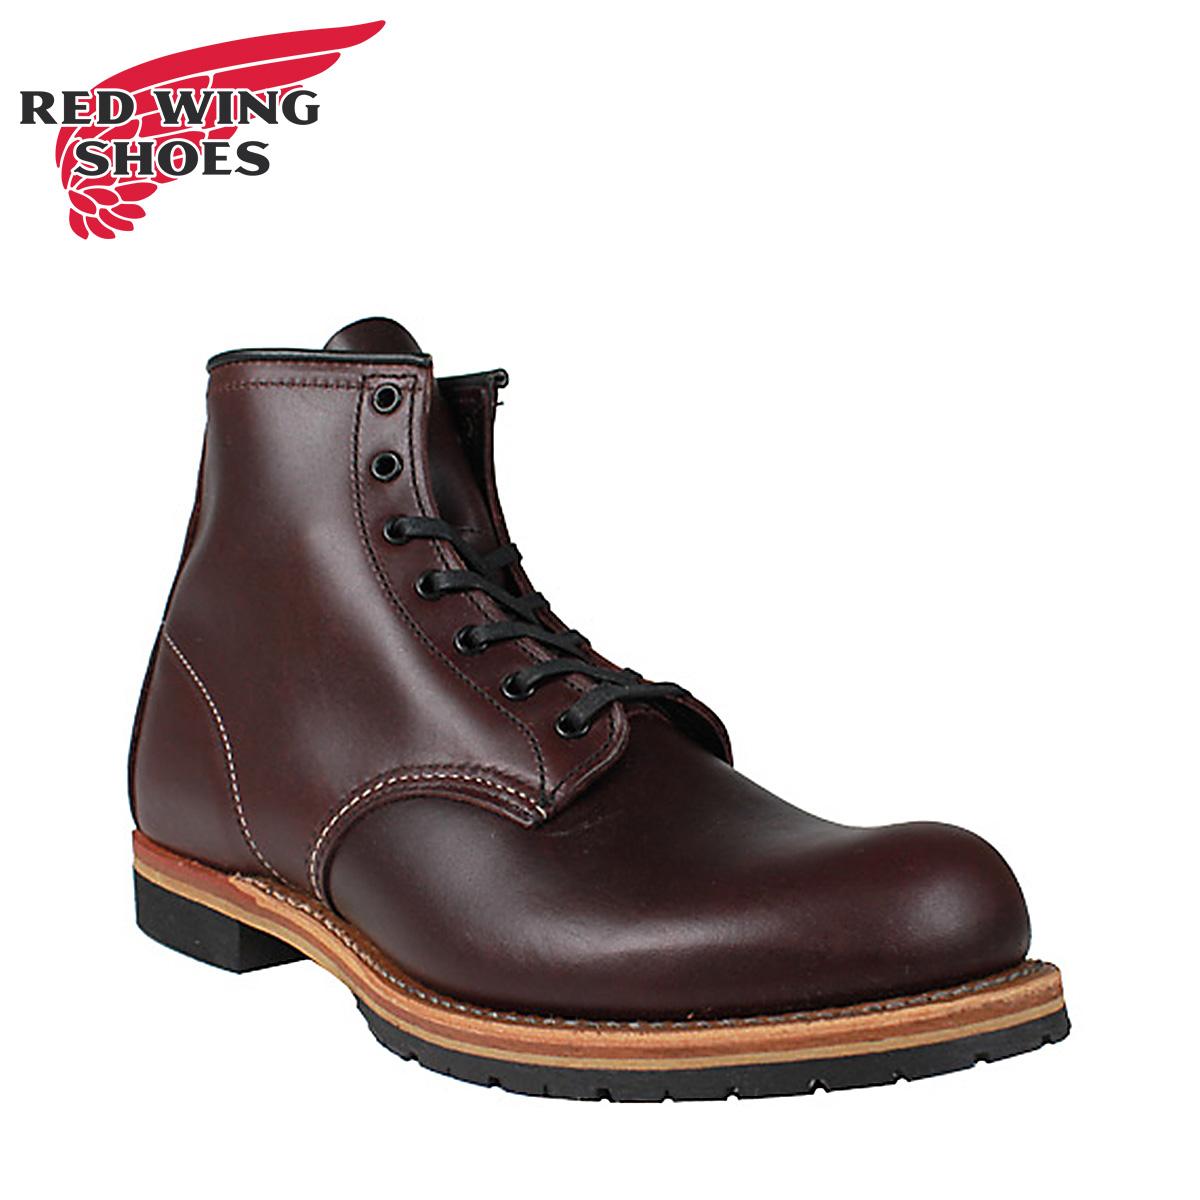 【最大2000円OFFクーポン】 レッドウィング RED WING ベックマン ブーツ BECKMAN ROUND ラウンド トゥ Dワイズ 9011 ワークブーツ メンズ [2/12 追加入荷]